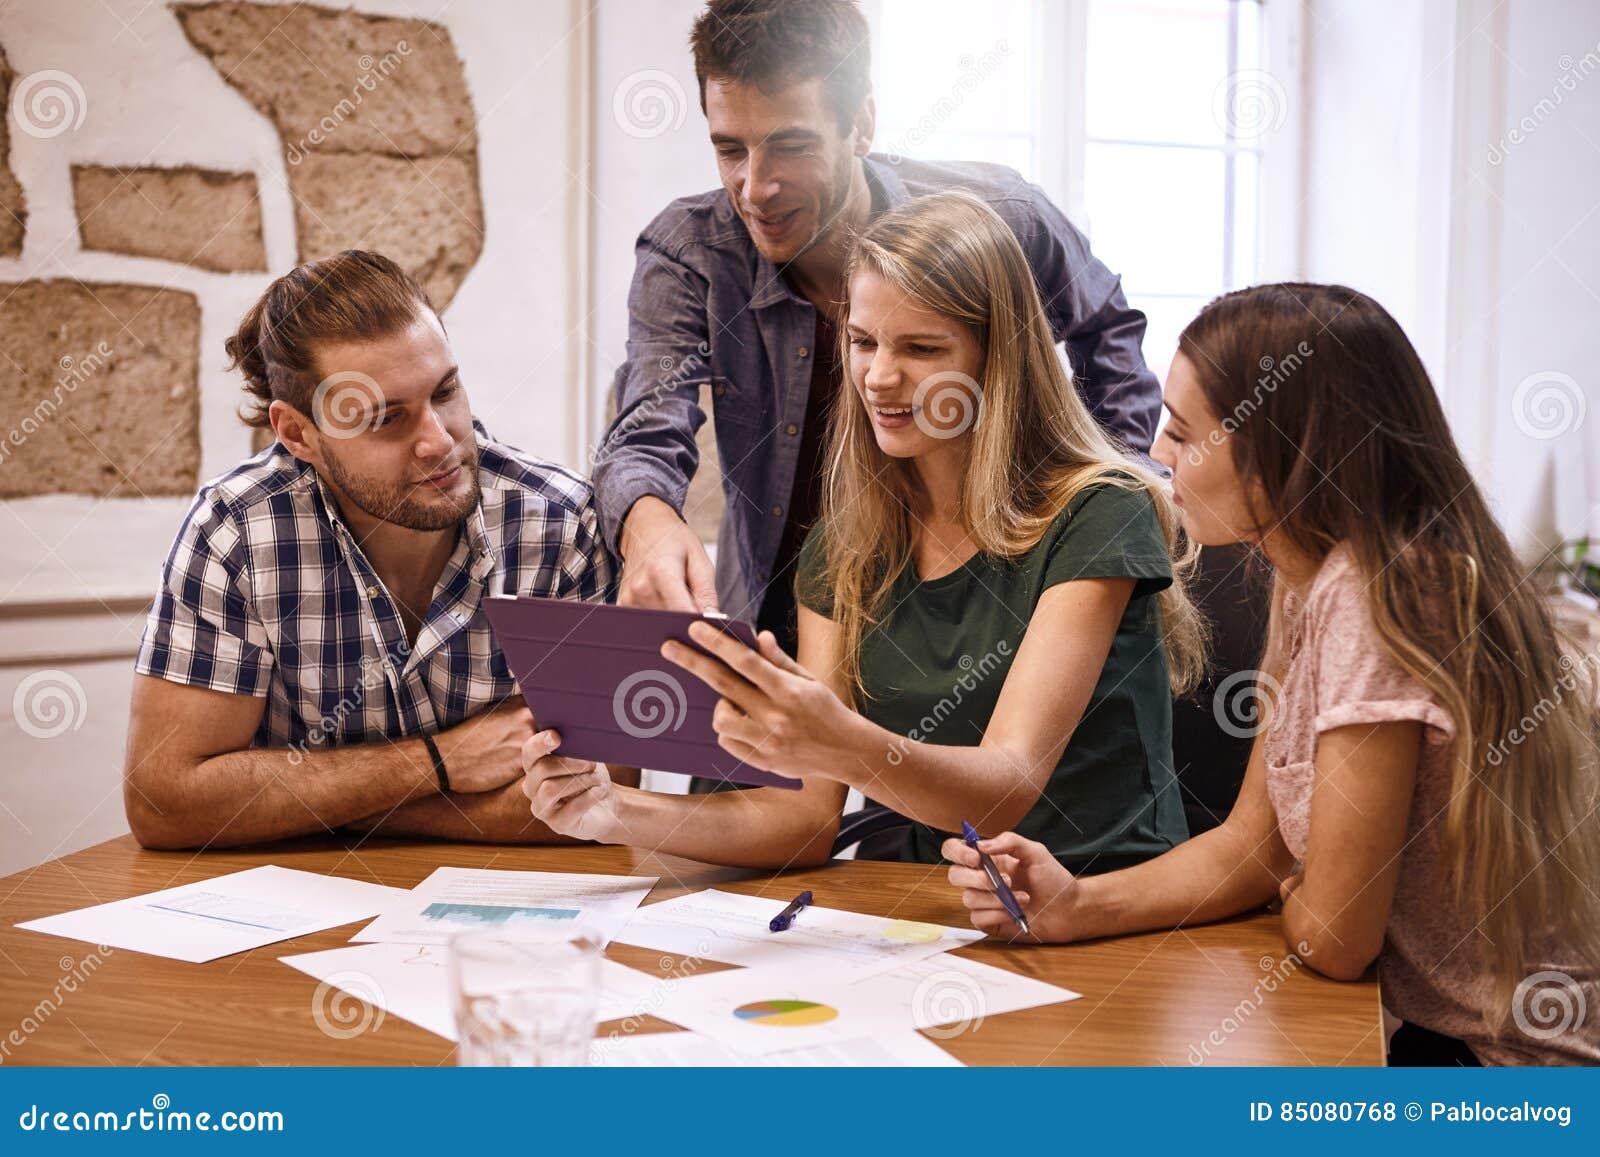 Επαγγελματική ομάδα millenials στη διάσκεψη